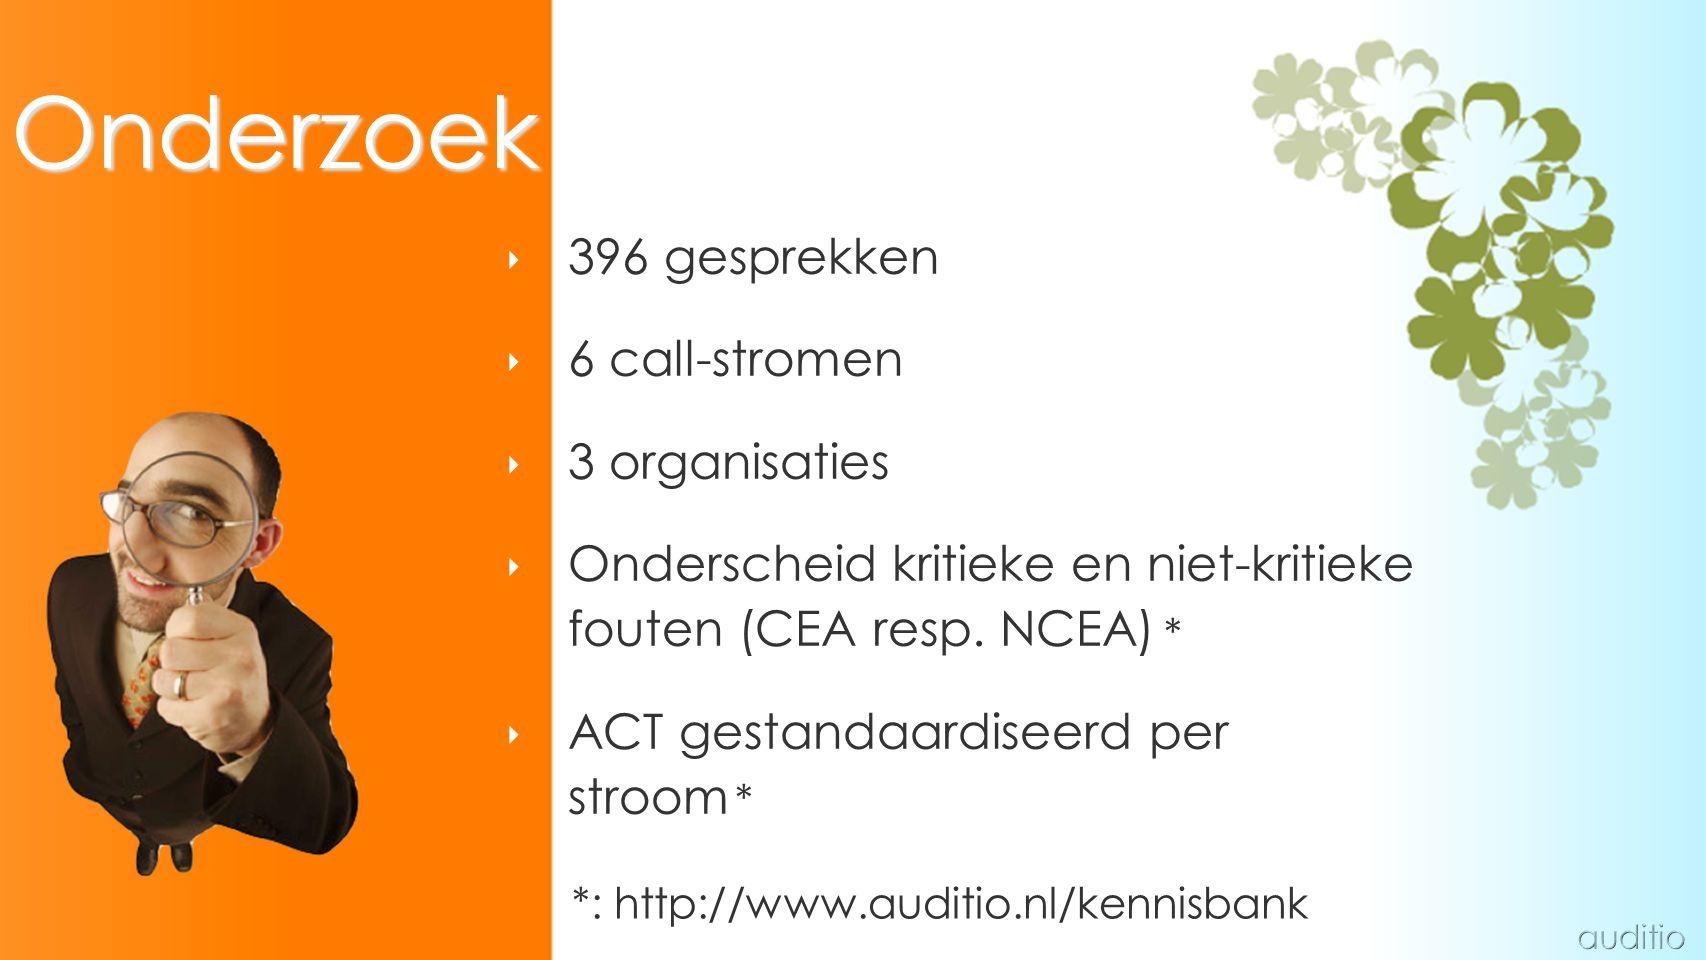 Onderzoek 396 gesprekken 6 call-stromen 3 organisaties